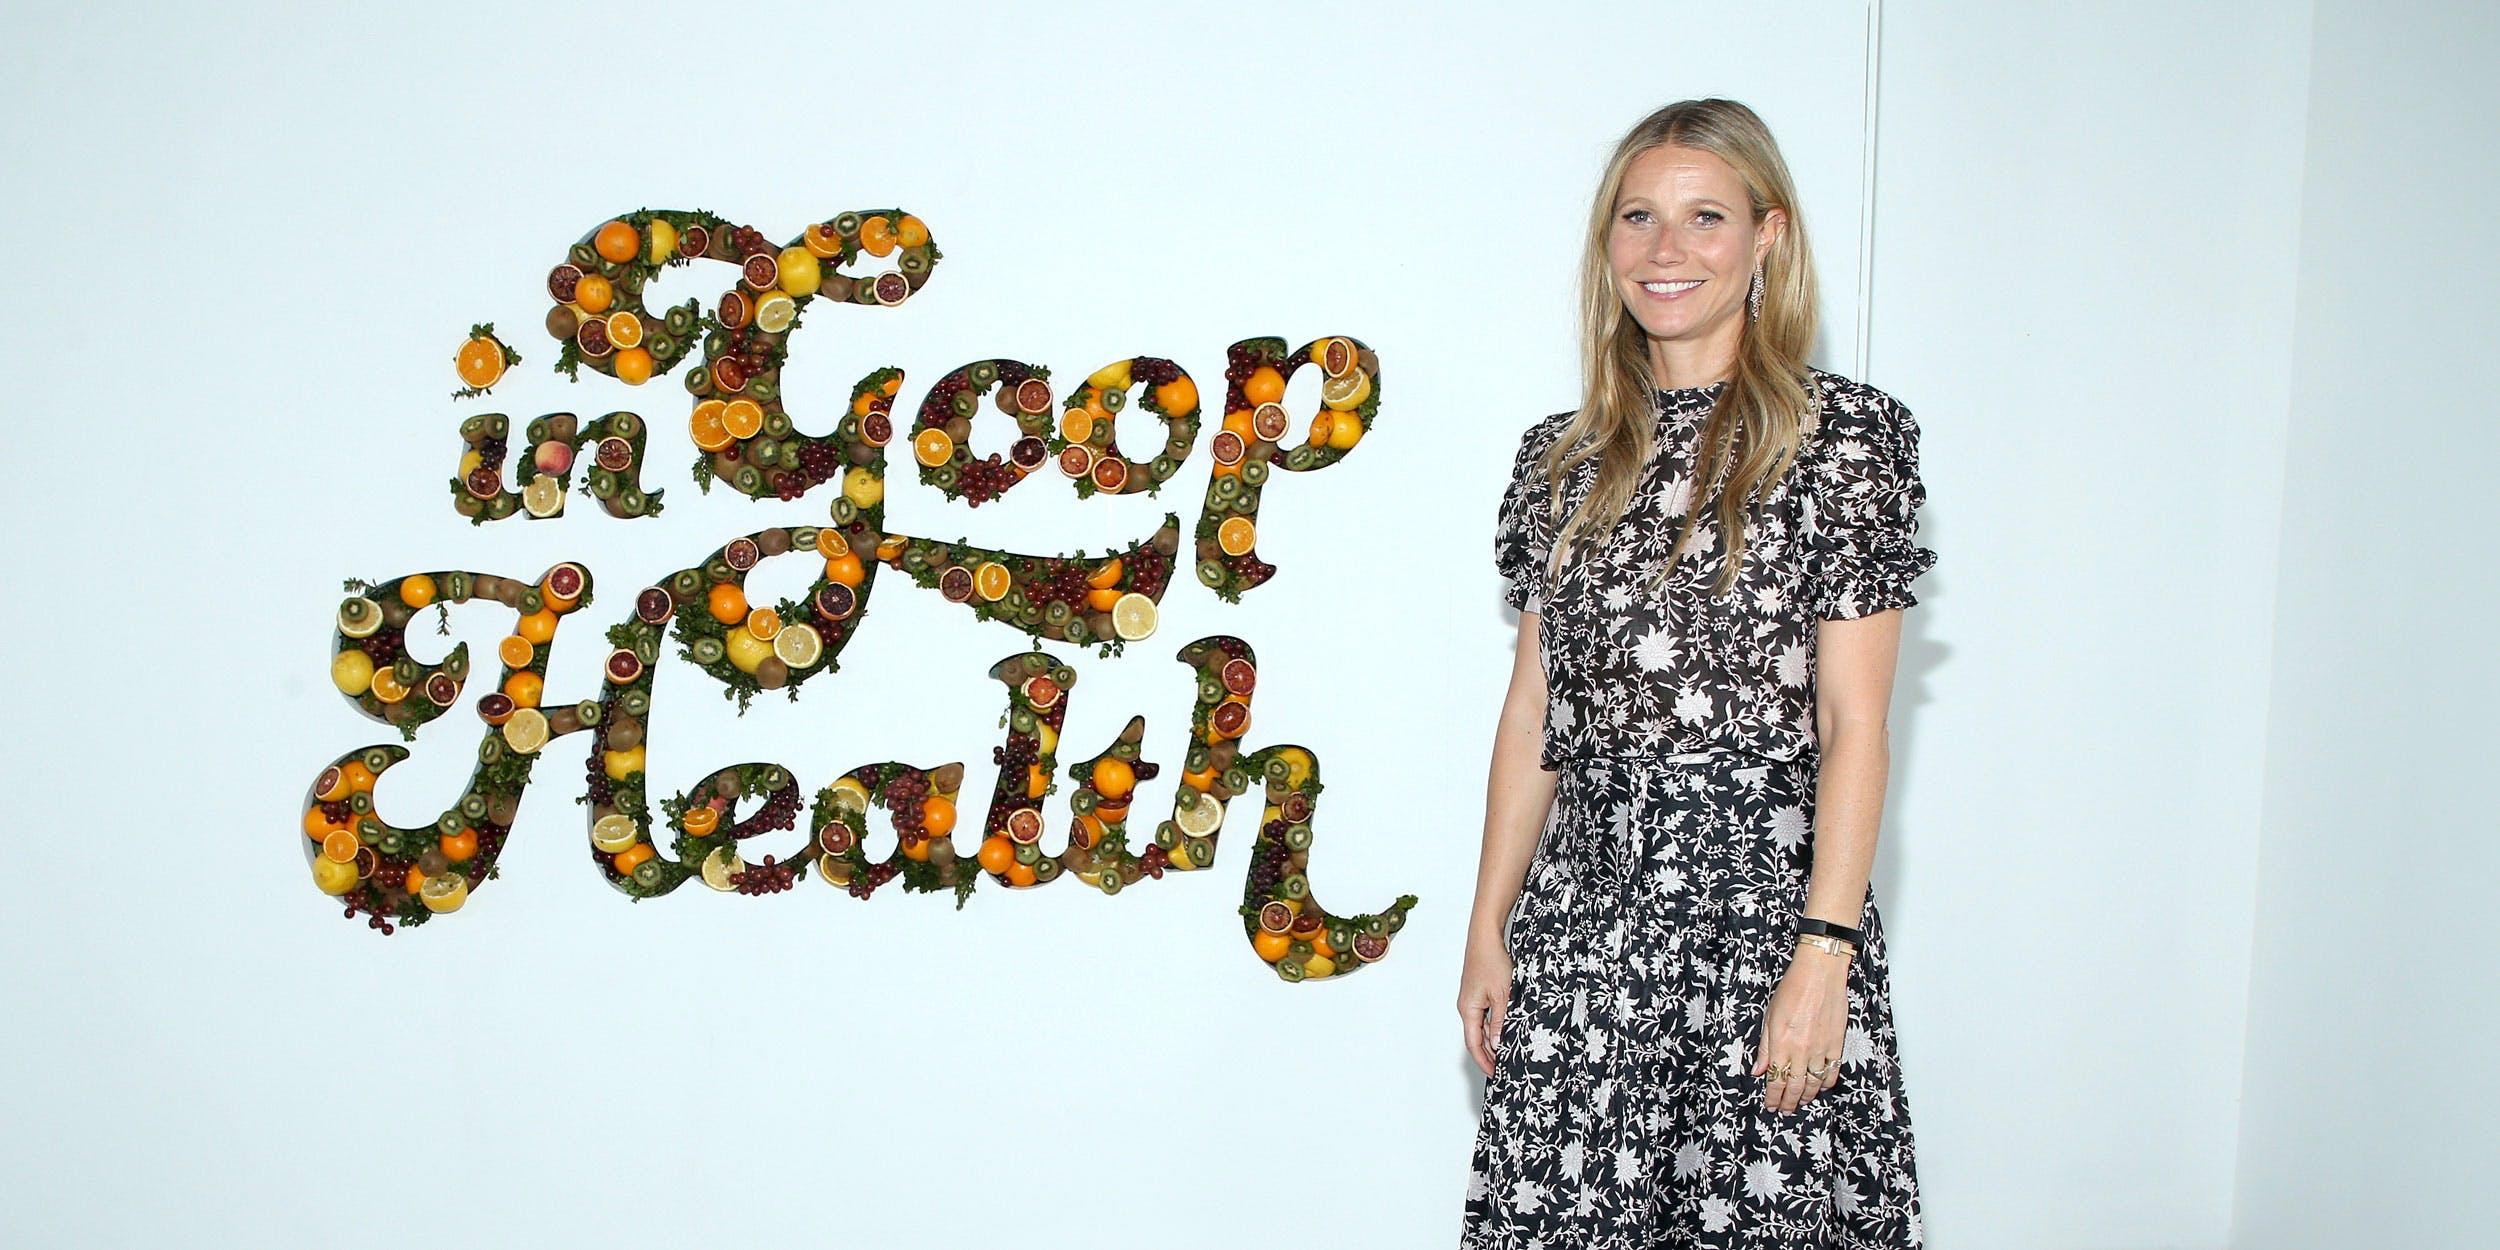 Goop owner gwyneth paltrow